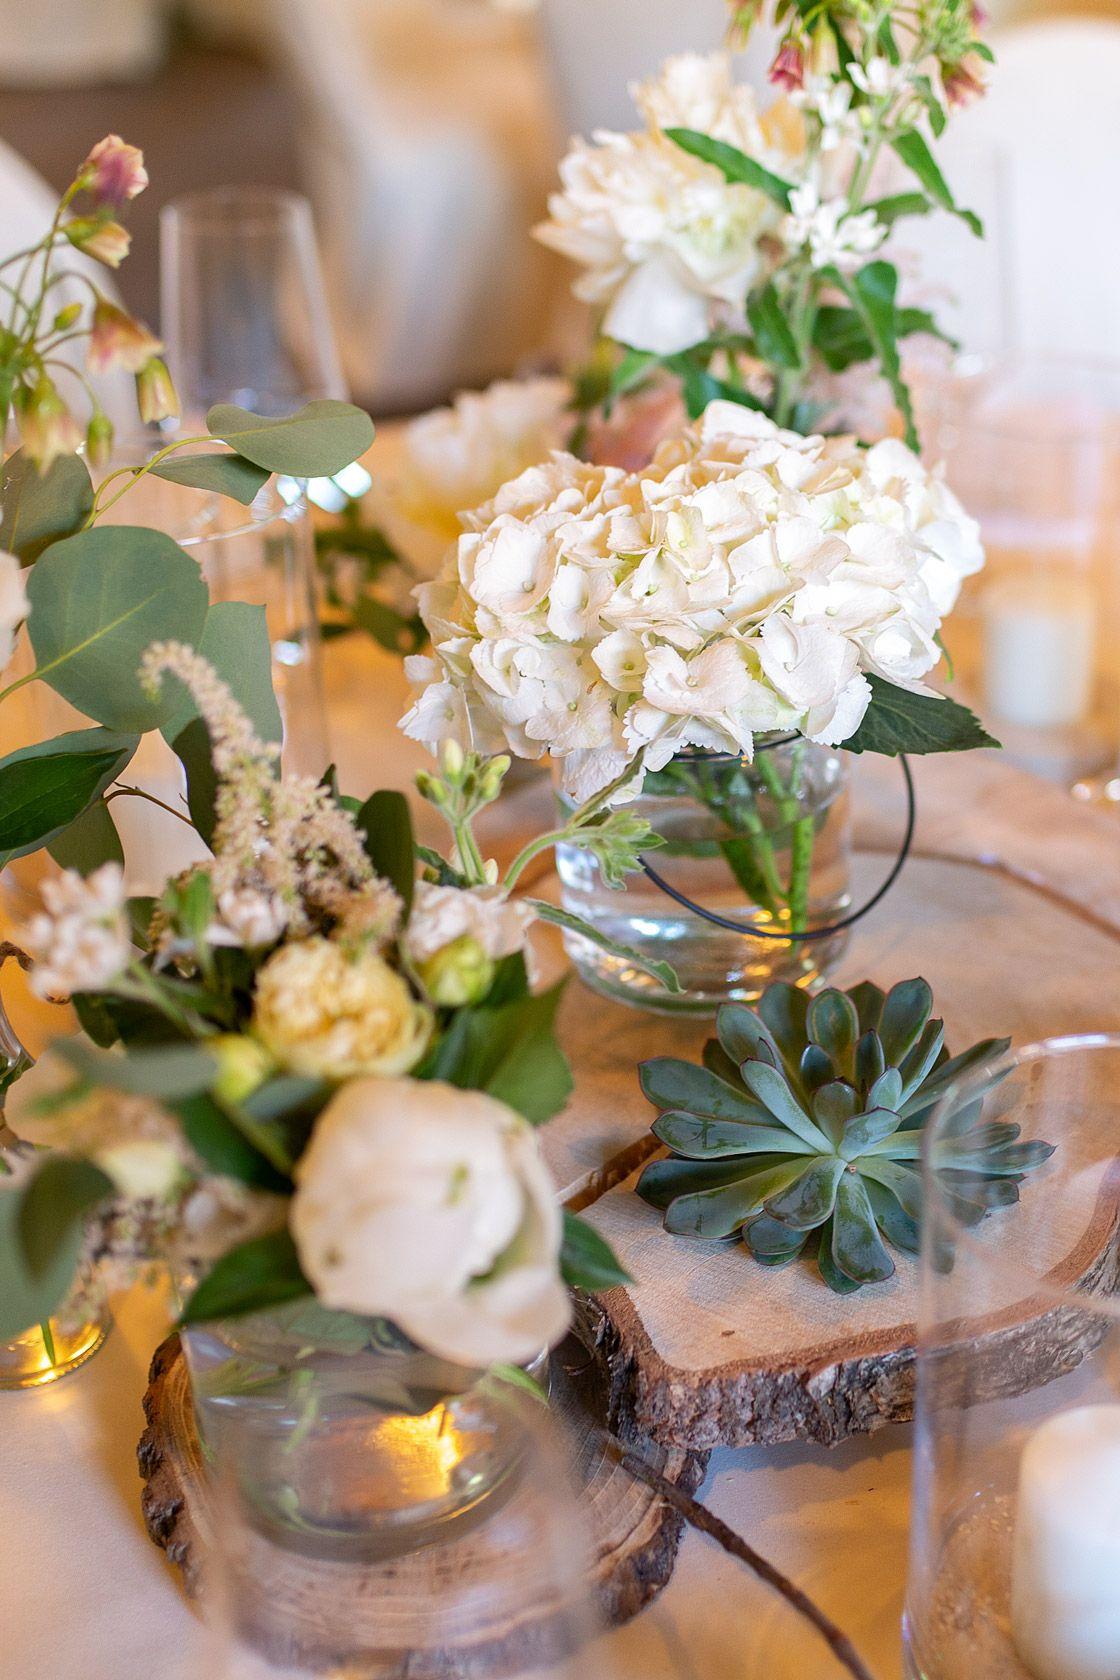 Unsere Vintage Hochzeit Mit Boho Flair Meine Tipps Für Alle Bräute Vintage Hochzeit Blumendeko Hochzeit Hochzeit